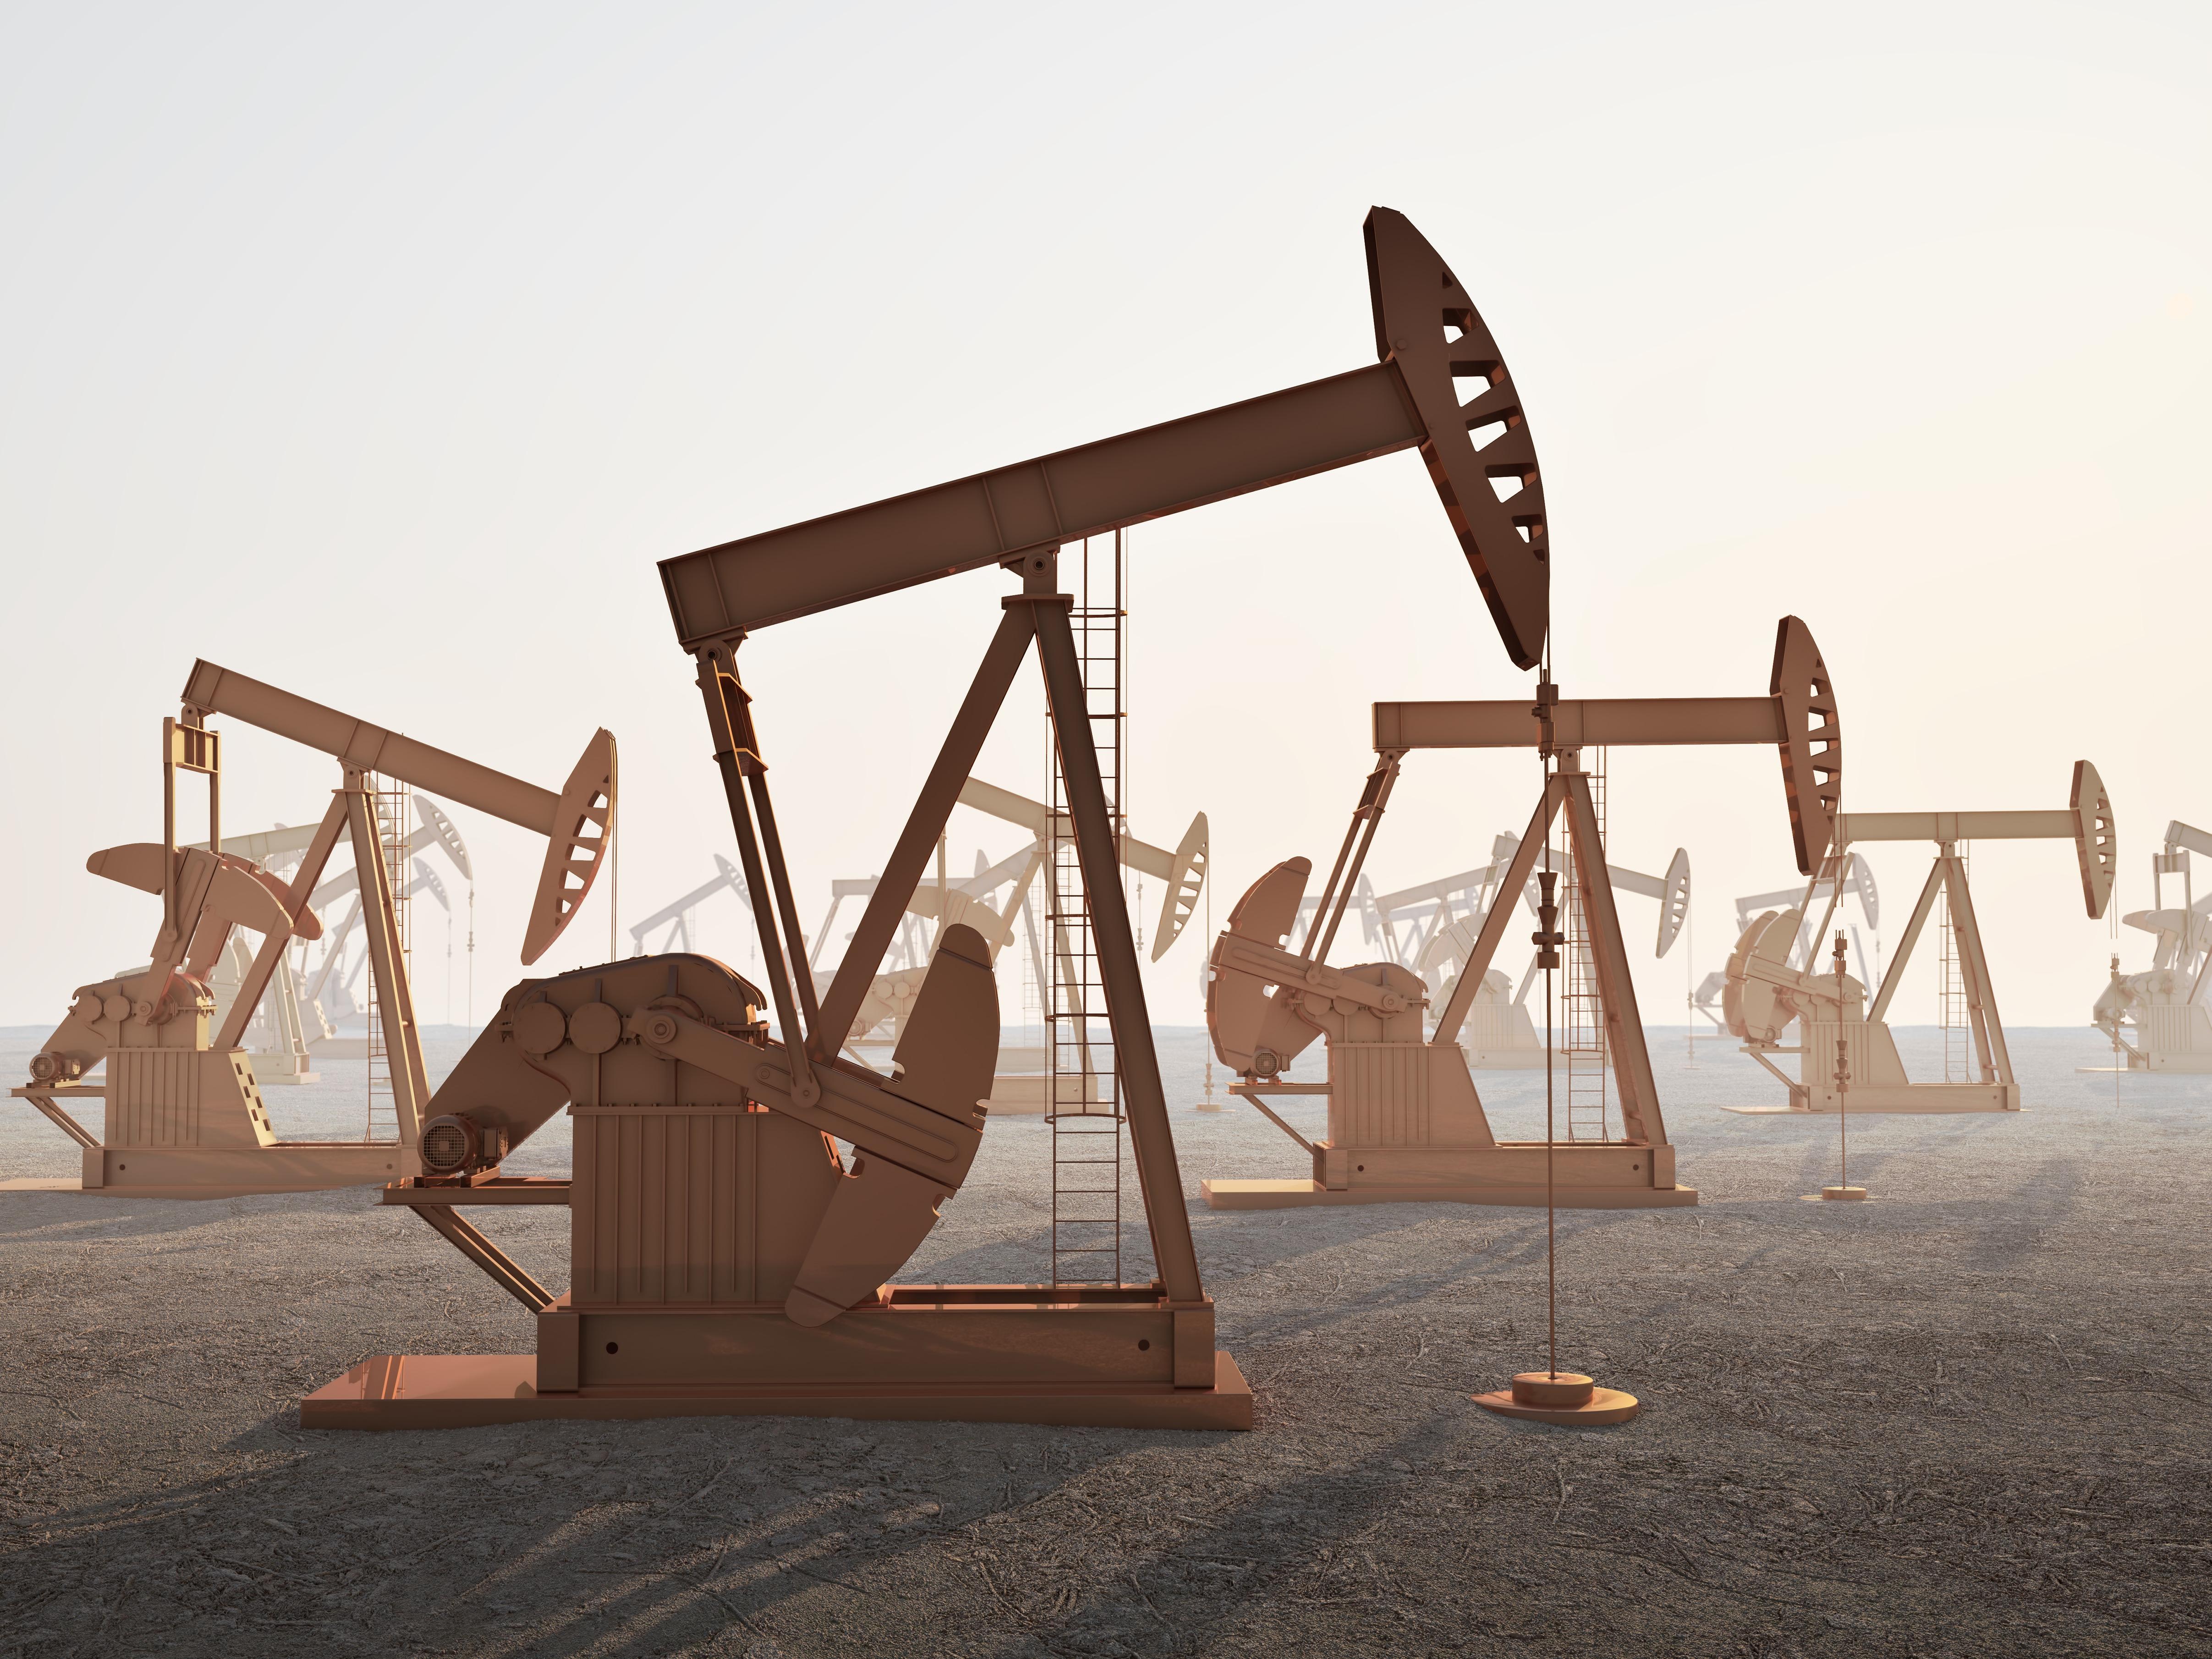 美俄交恶叠加中东战火不断,会否助力油价突破64.00美元?